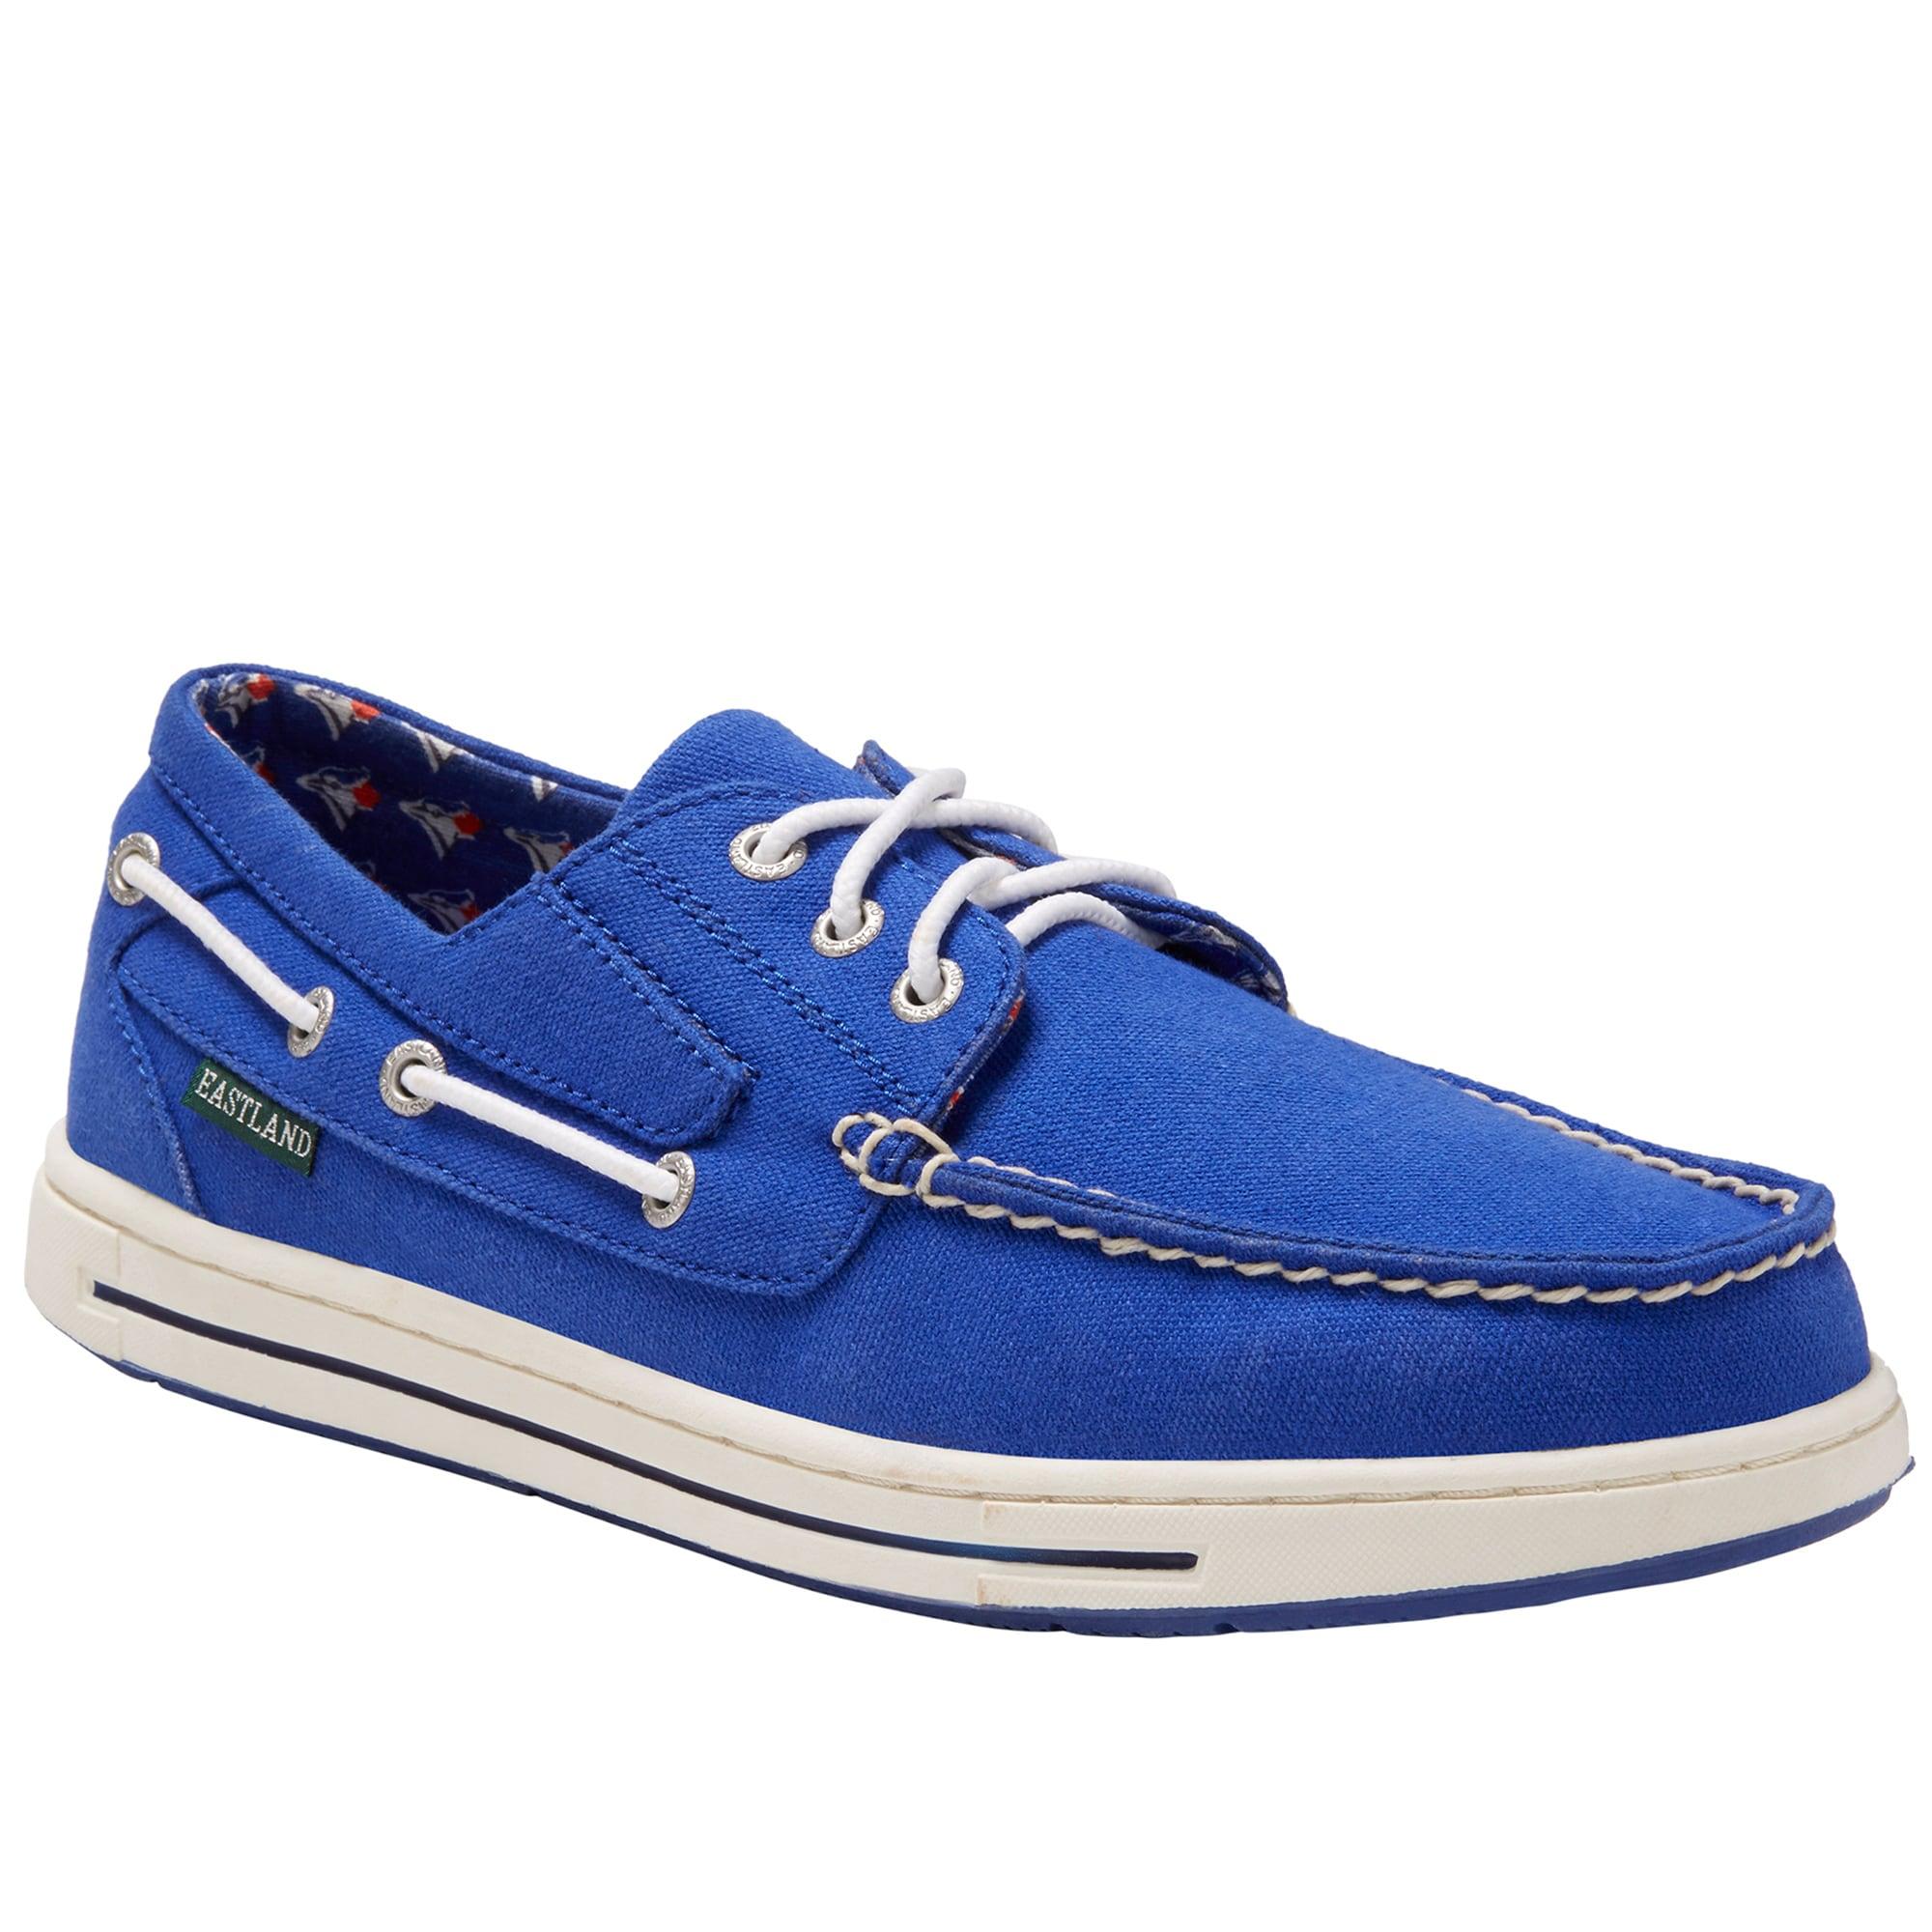 Toronto Blue Jays Eastland MLB Adventure Shoes